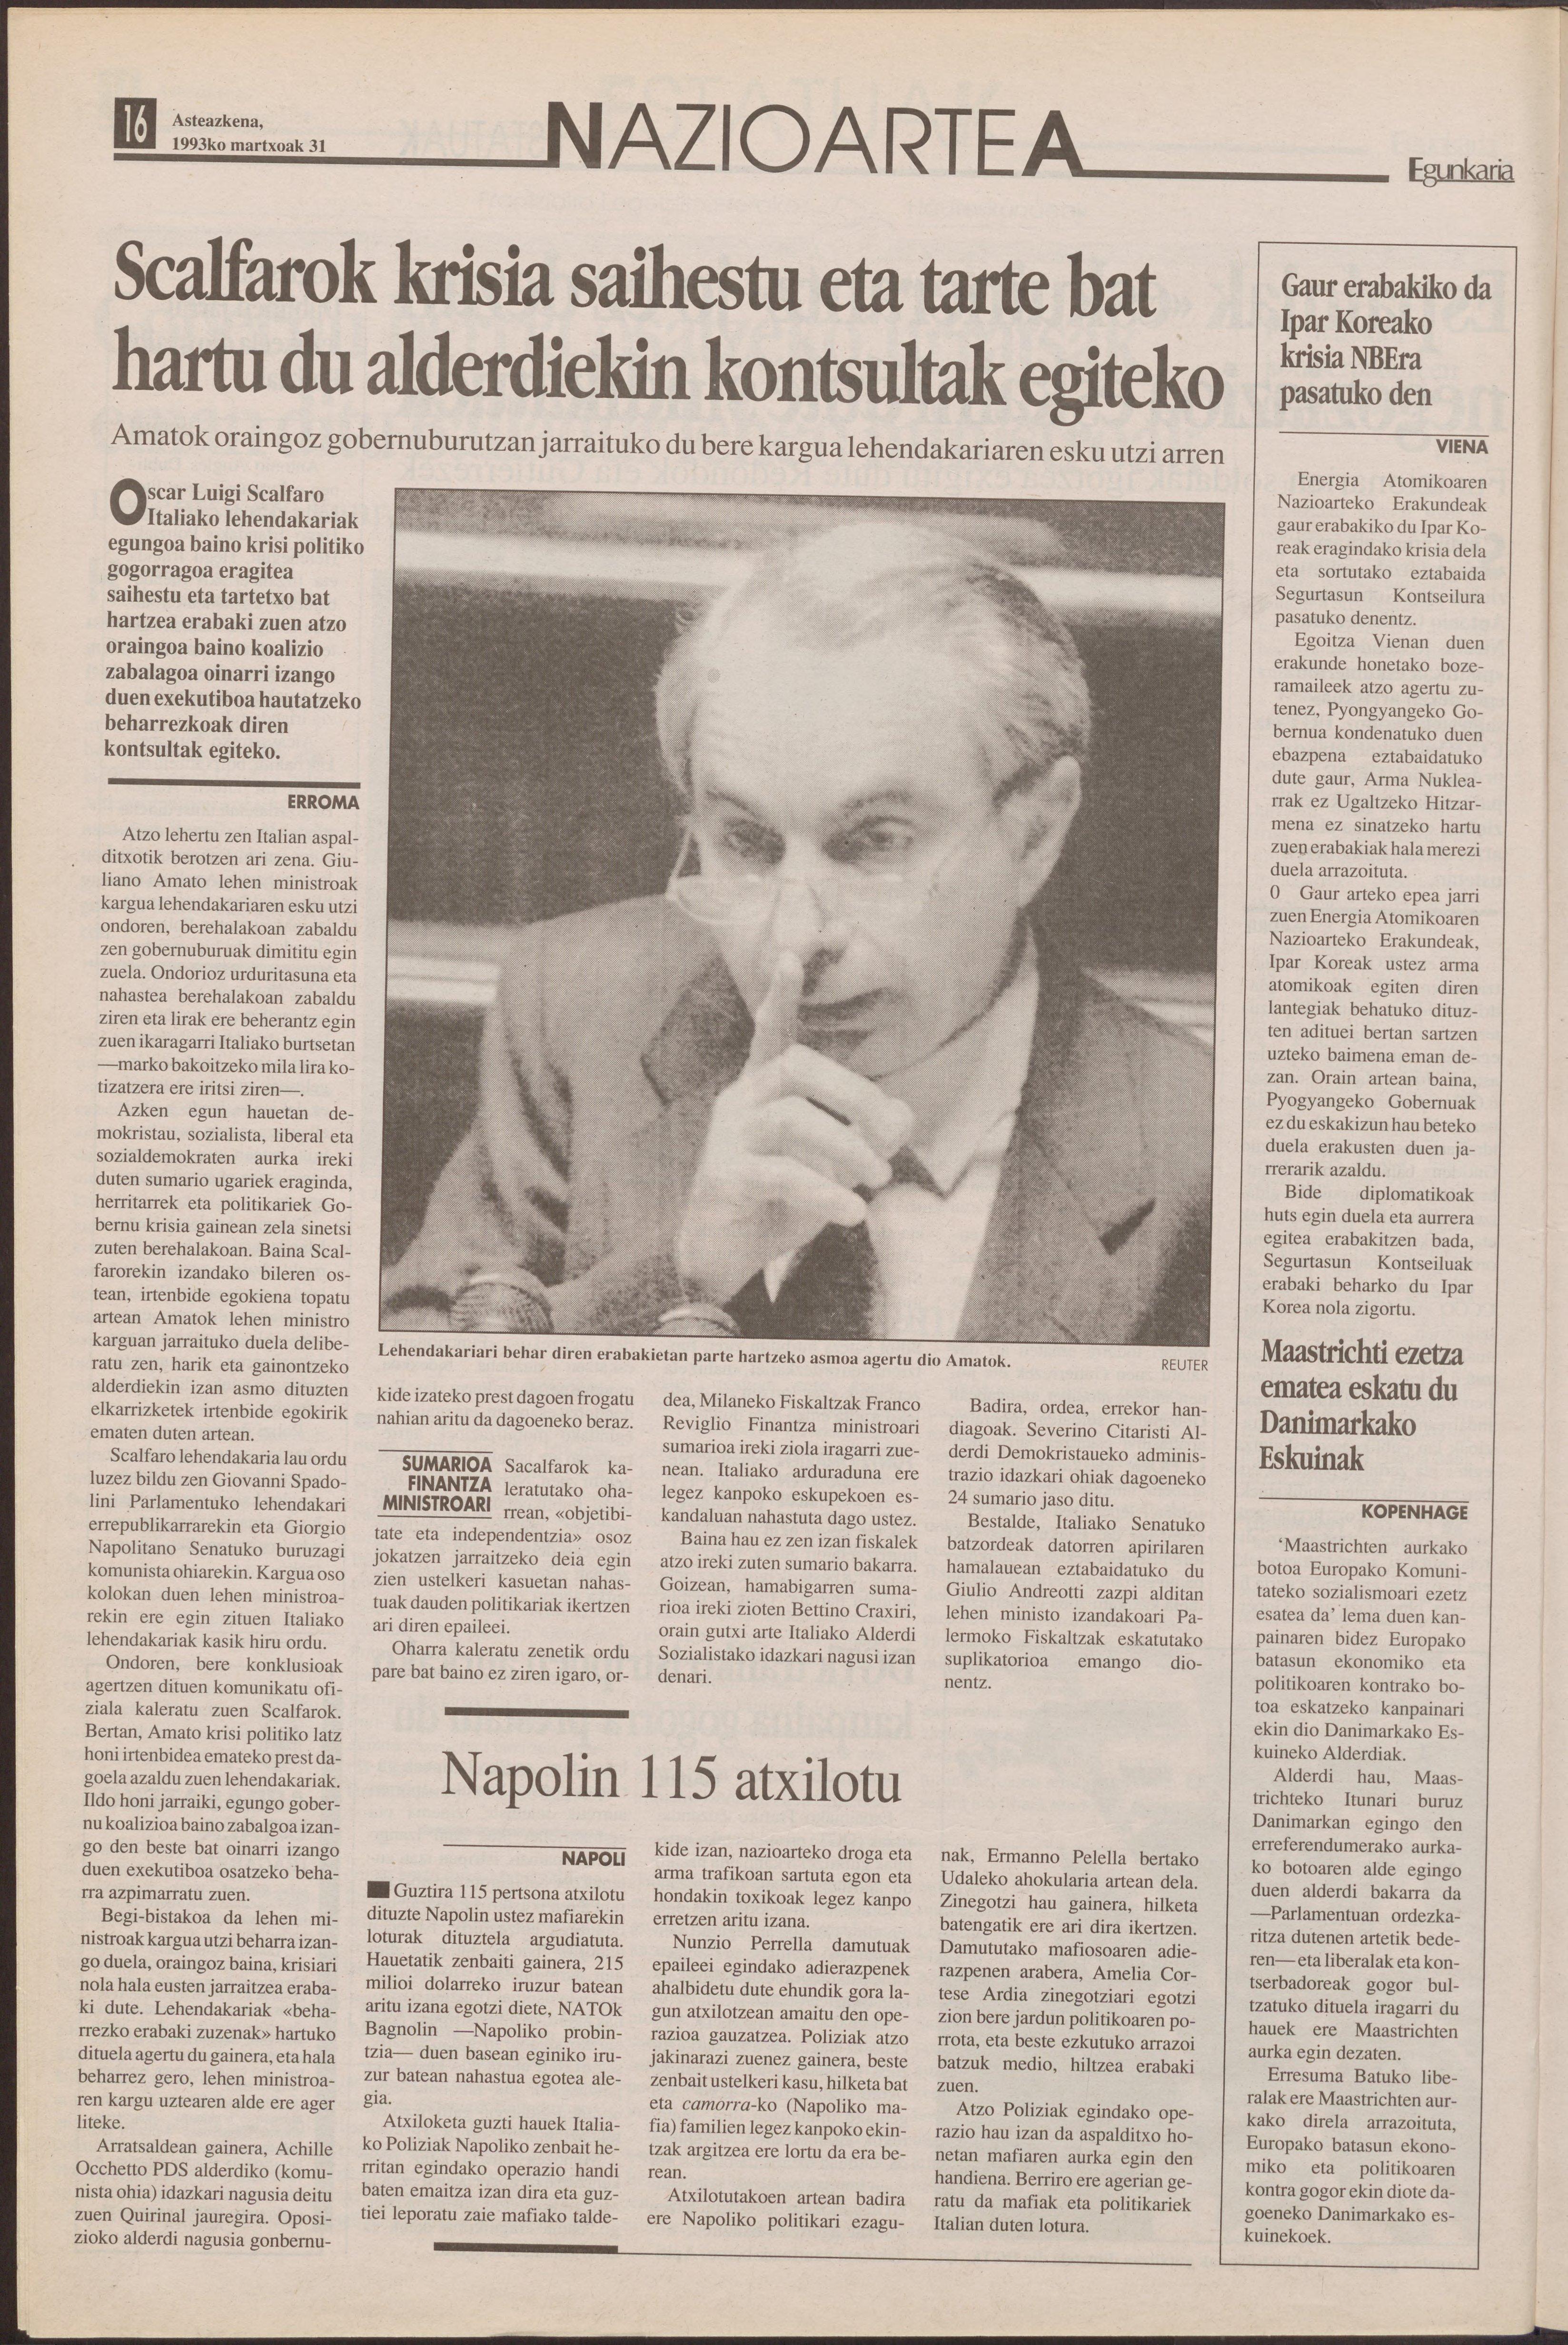 1993ko martxoak 31, 16. orrialdea